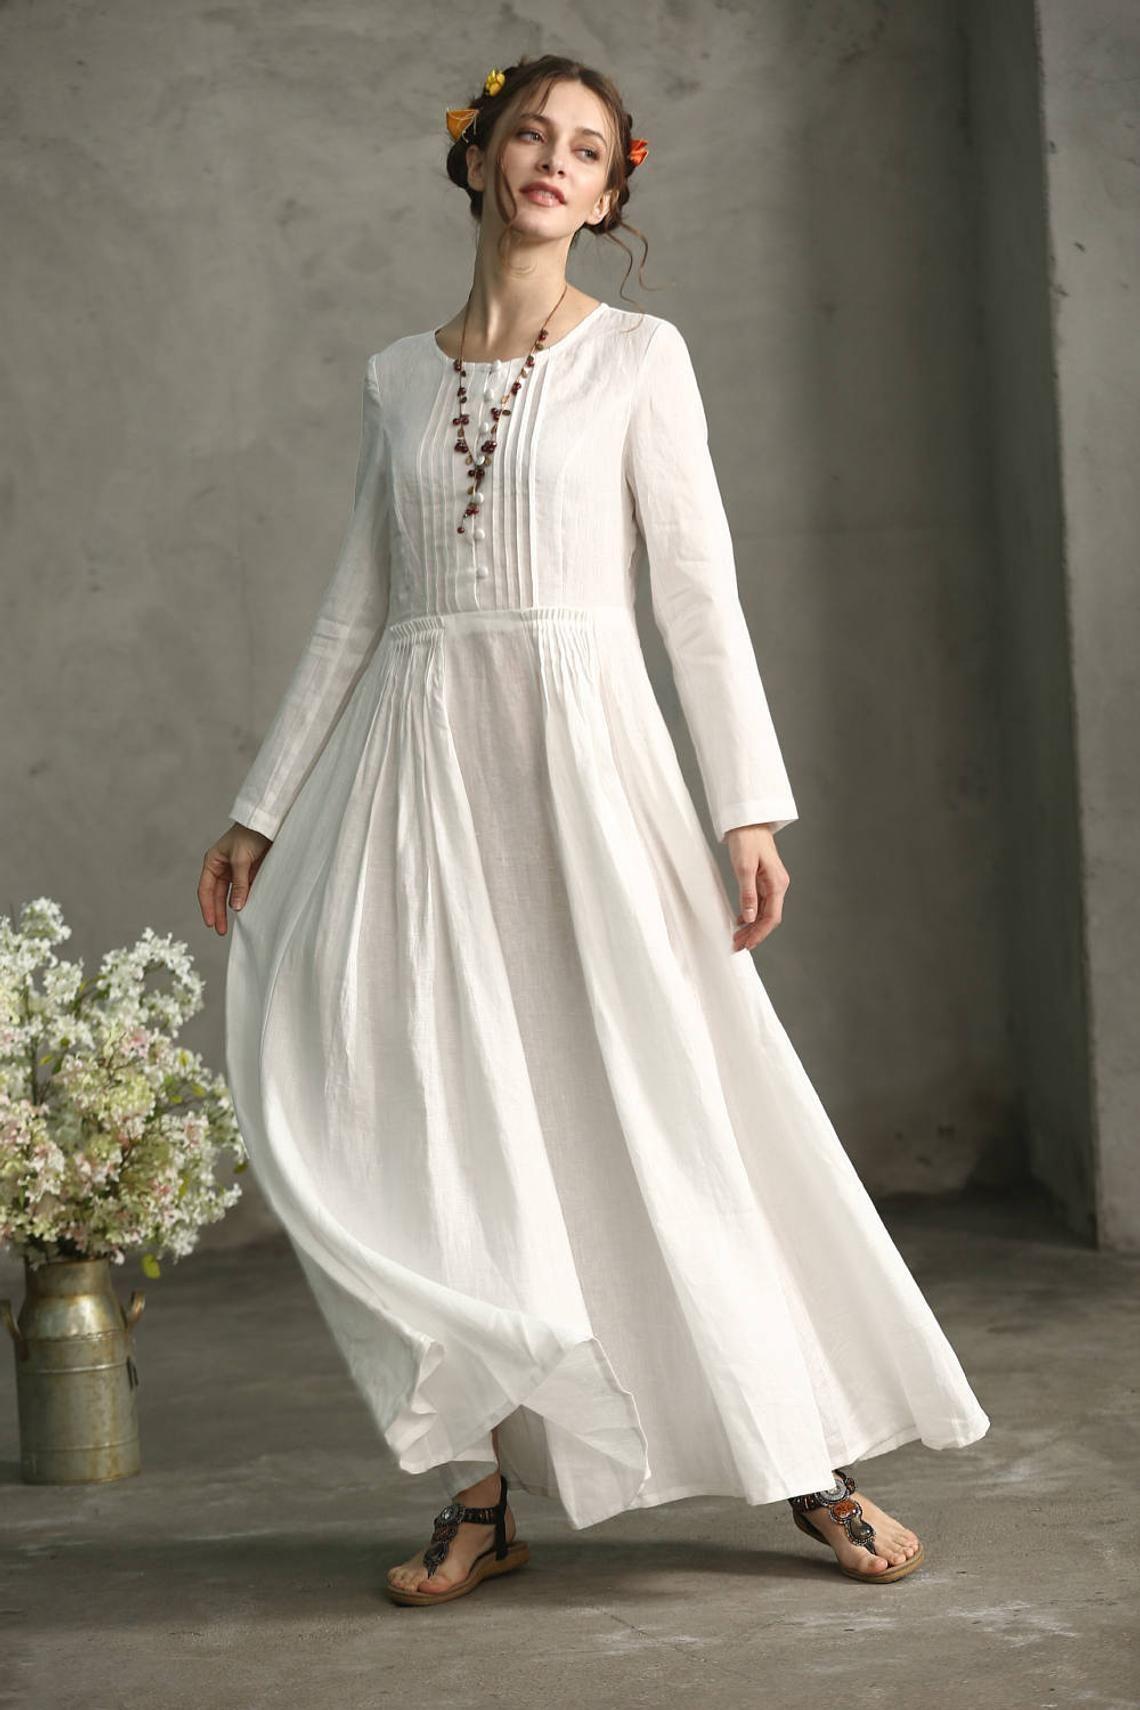 Weiß Leinenkleid, Lockeres Kleid, Strand - kleid, Weißes ...